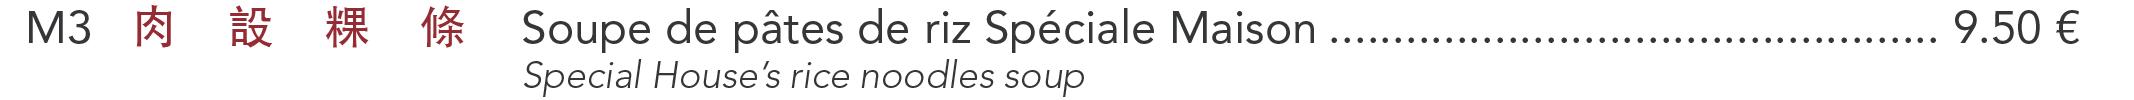 M3 - Soupe de pâtes de riz Spéciale Maison